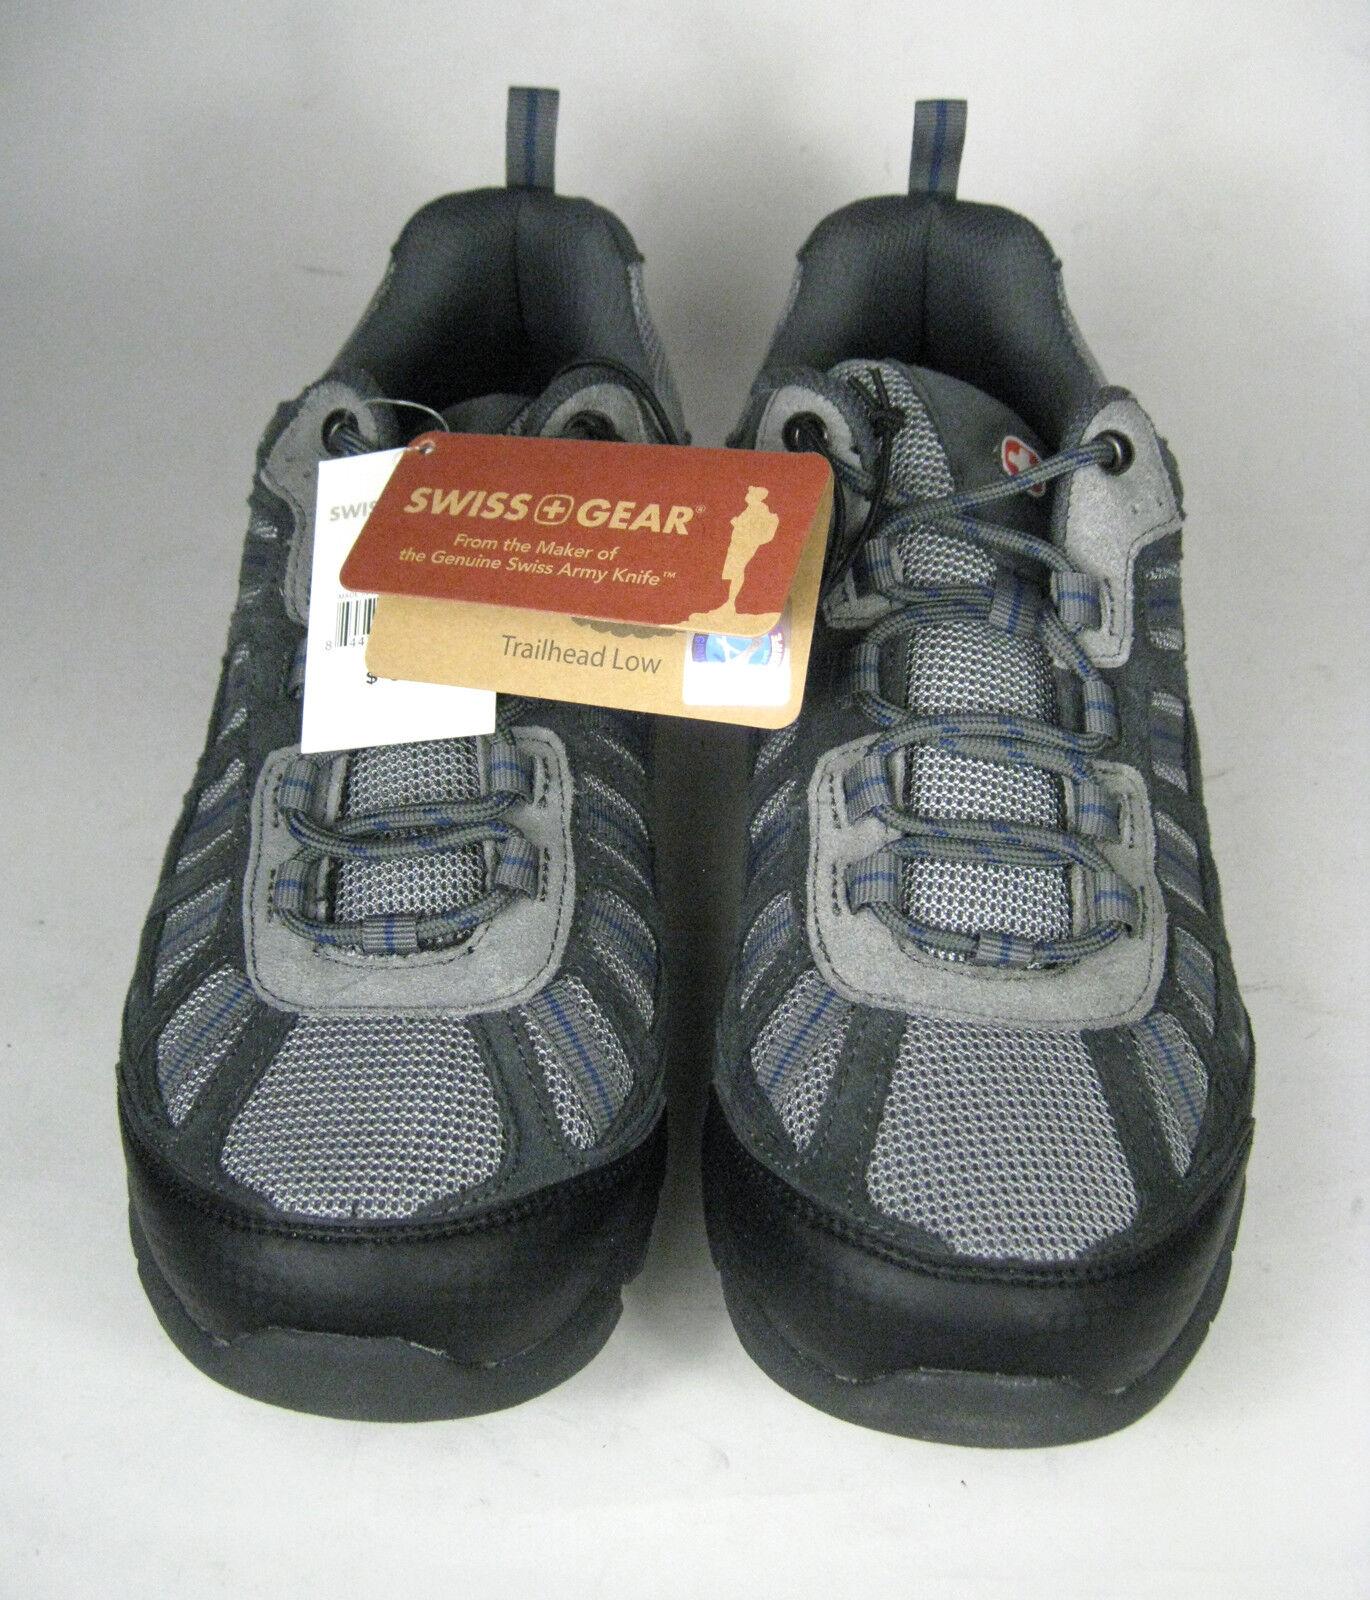 Swiss Gear botas de travesía para hombre EE. UU. 8 Hombres Zapatos Trailhead bajo gris